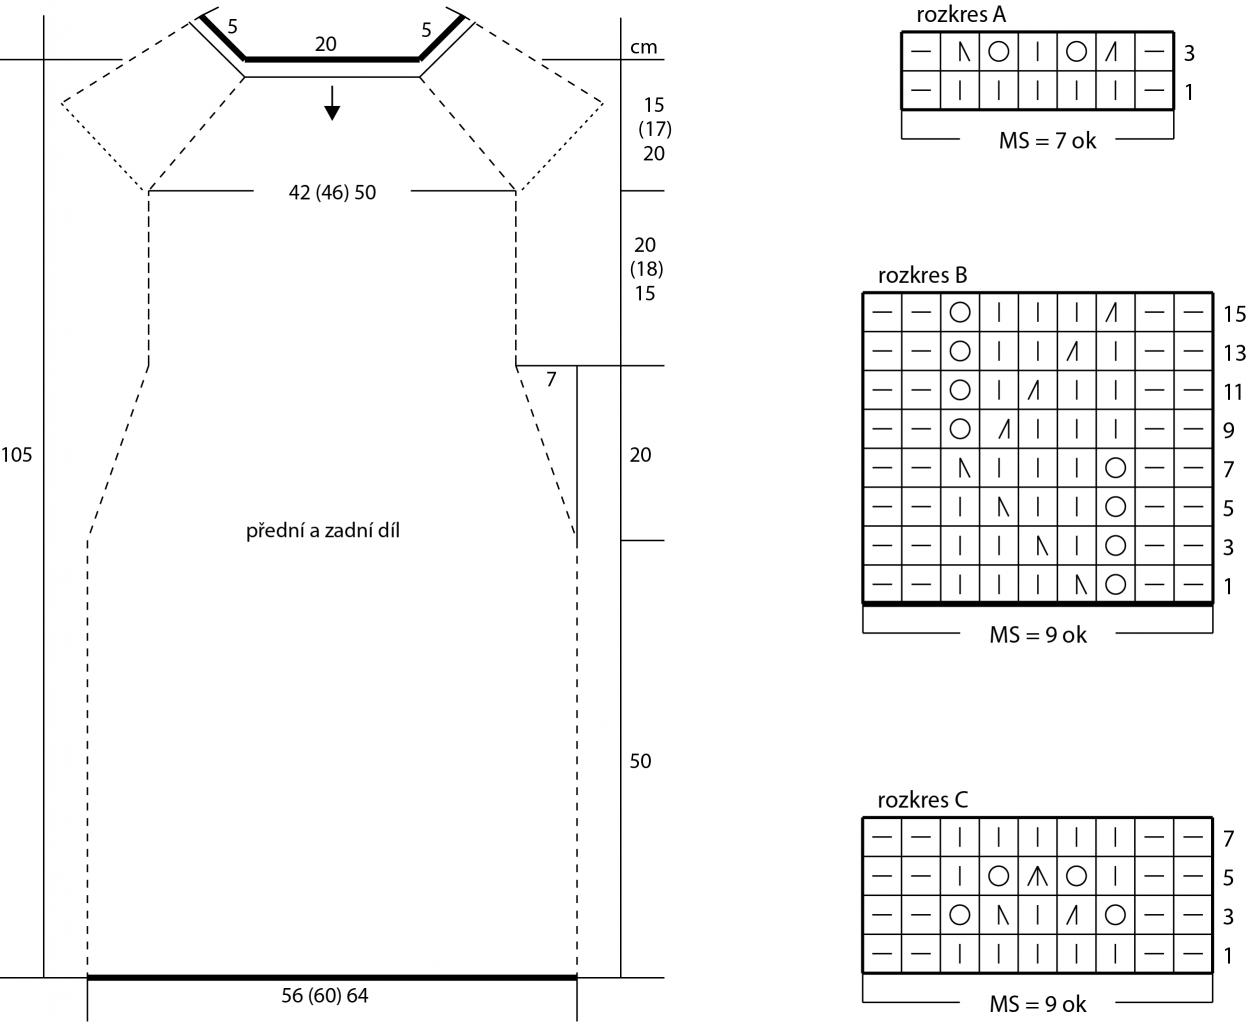 2018-L-15 dámské šaty z příze Satin Cotton firmy Schoeller - střih a rozkres